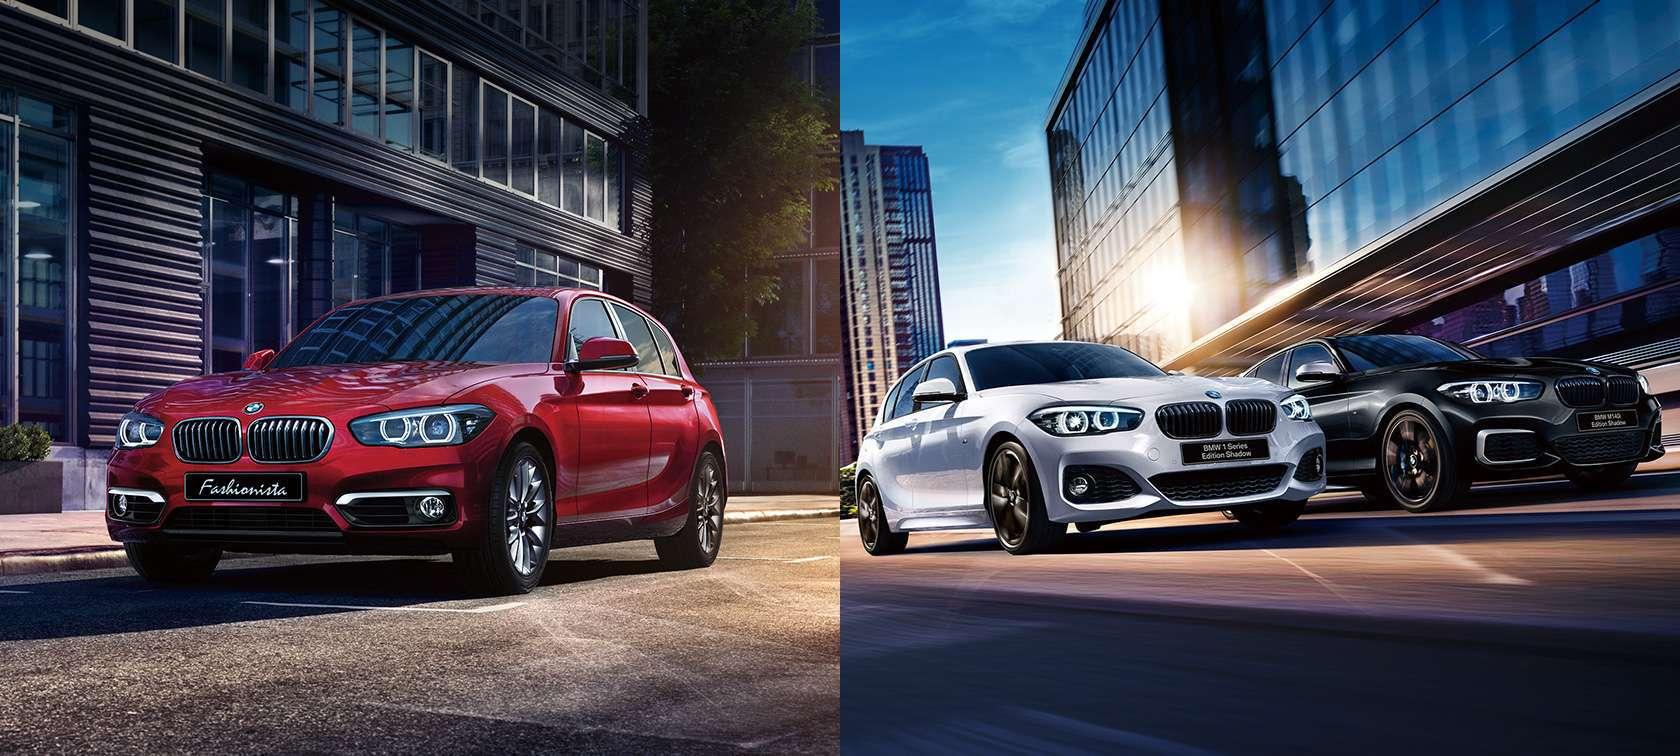 BMW1シリーズ特別仕様車「Edition Shadow」「Fashionista」がお安くなってラインアップに追加!従来の「Sport / Style / M Sport」は廃止。